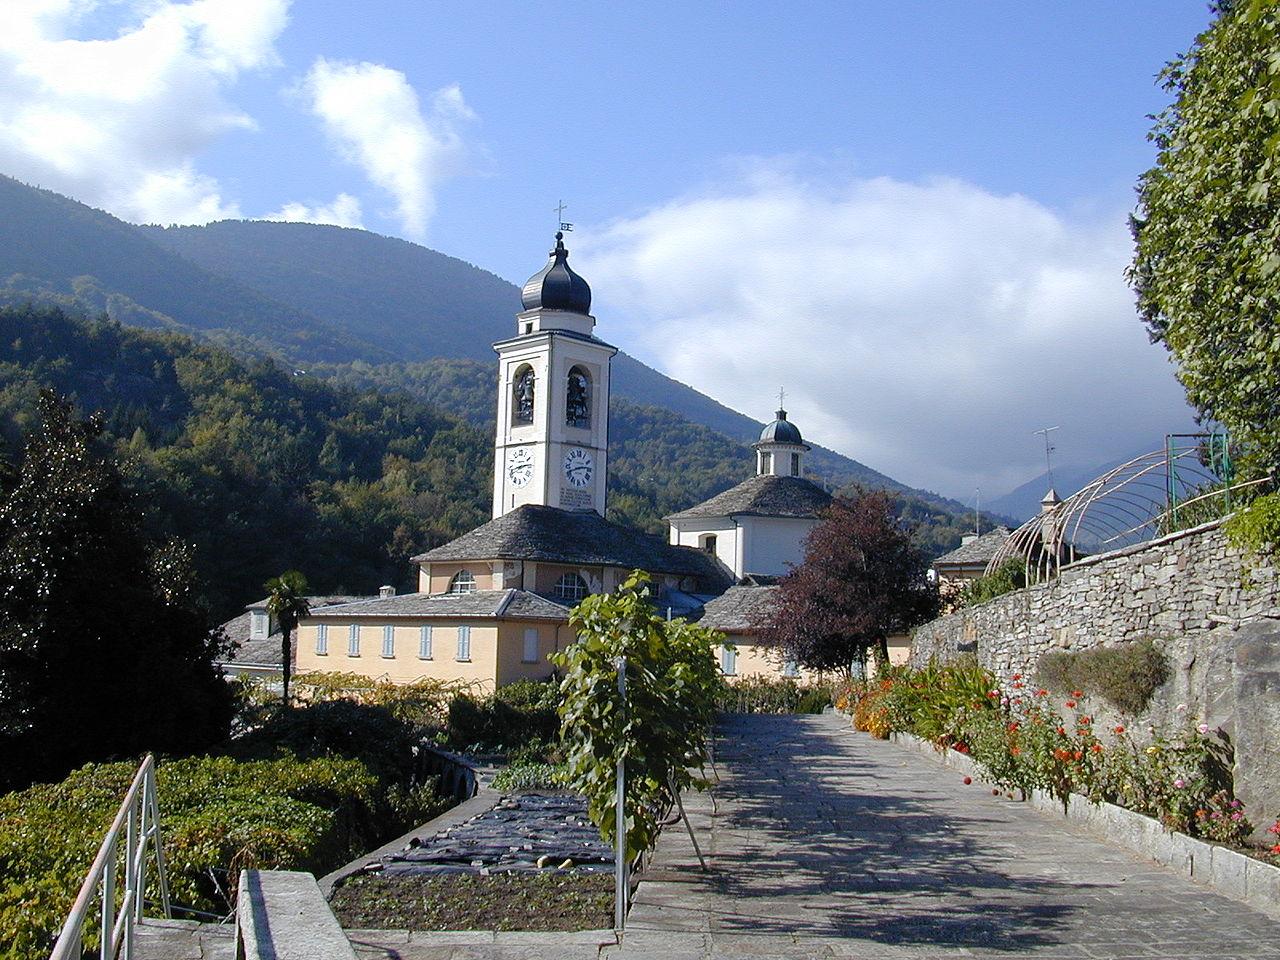 Sacro Monte di Oropa in Italien. (Foto: Creative Commons Stefano Bistolfi@deWikipedia)